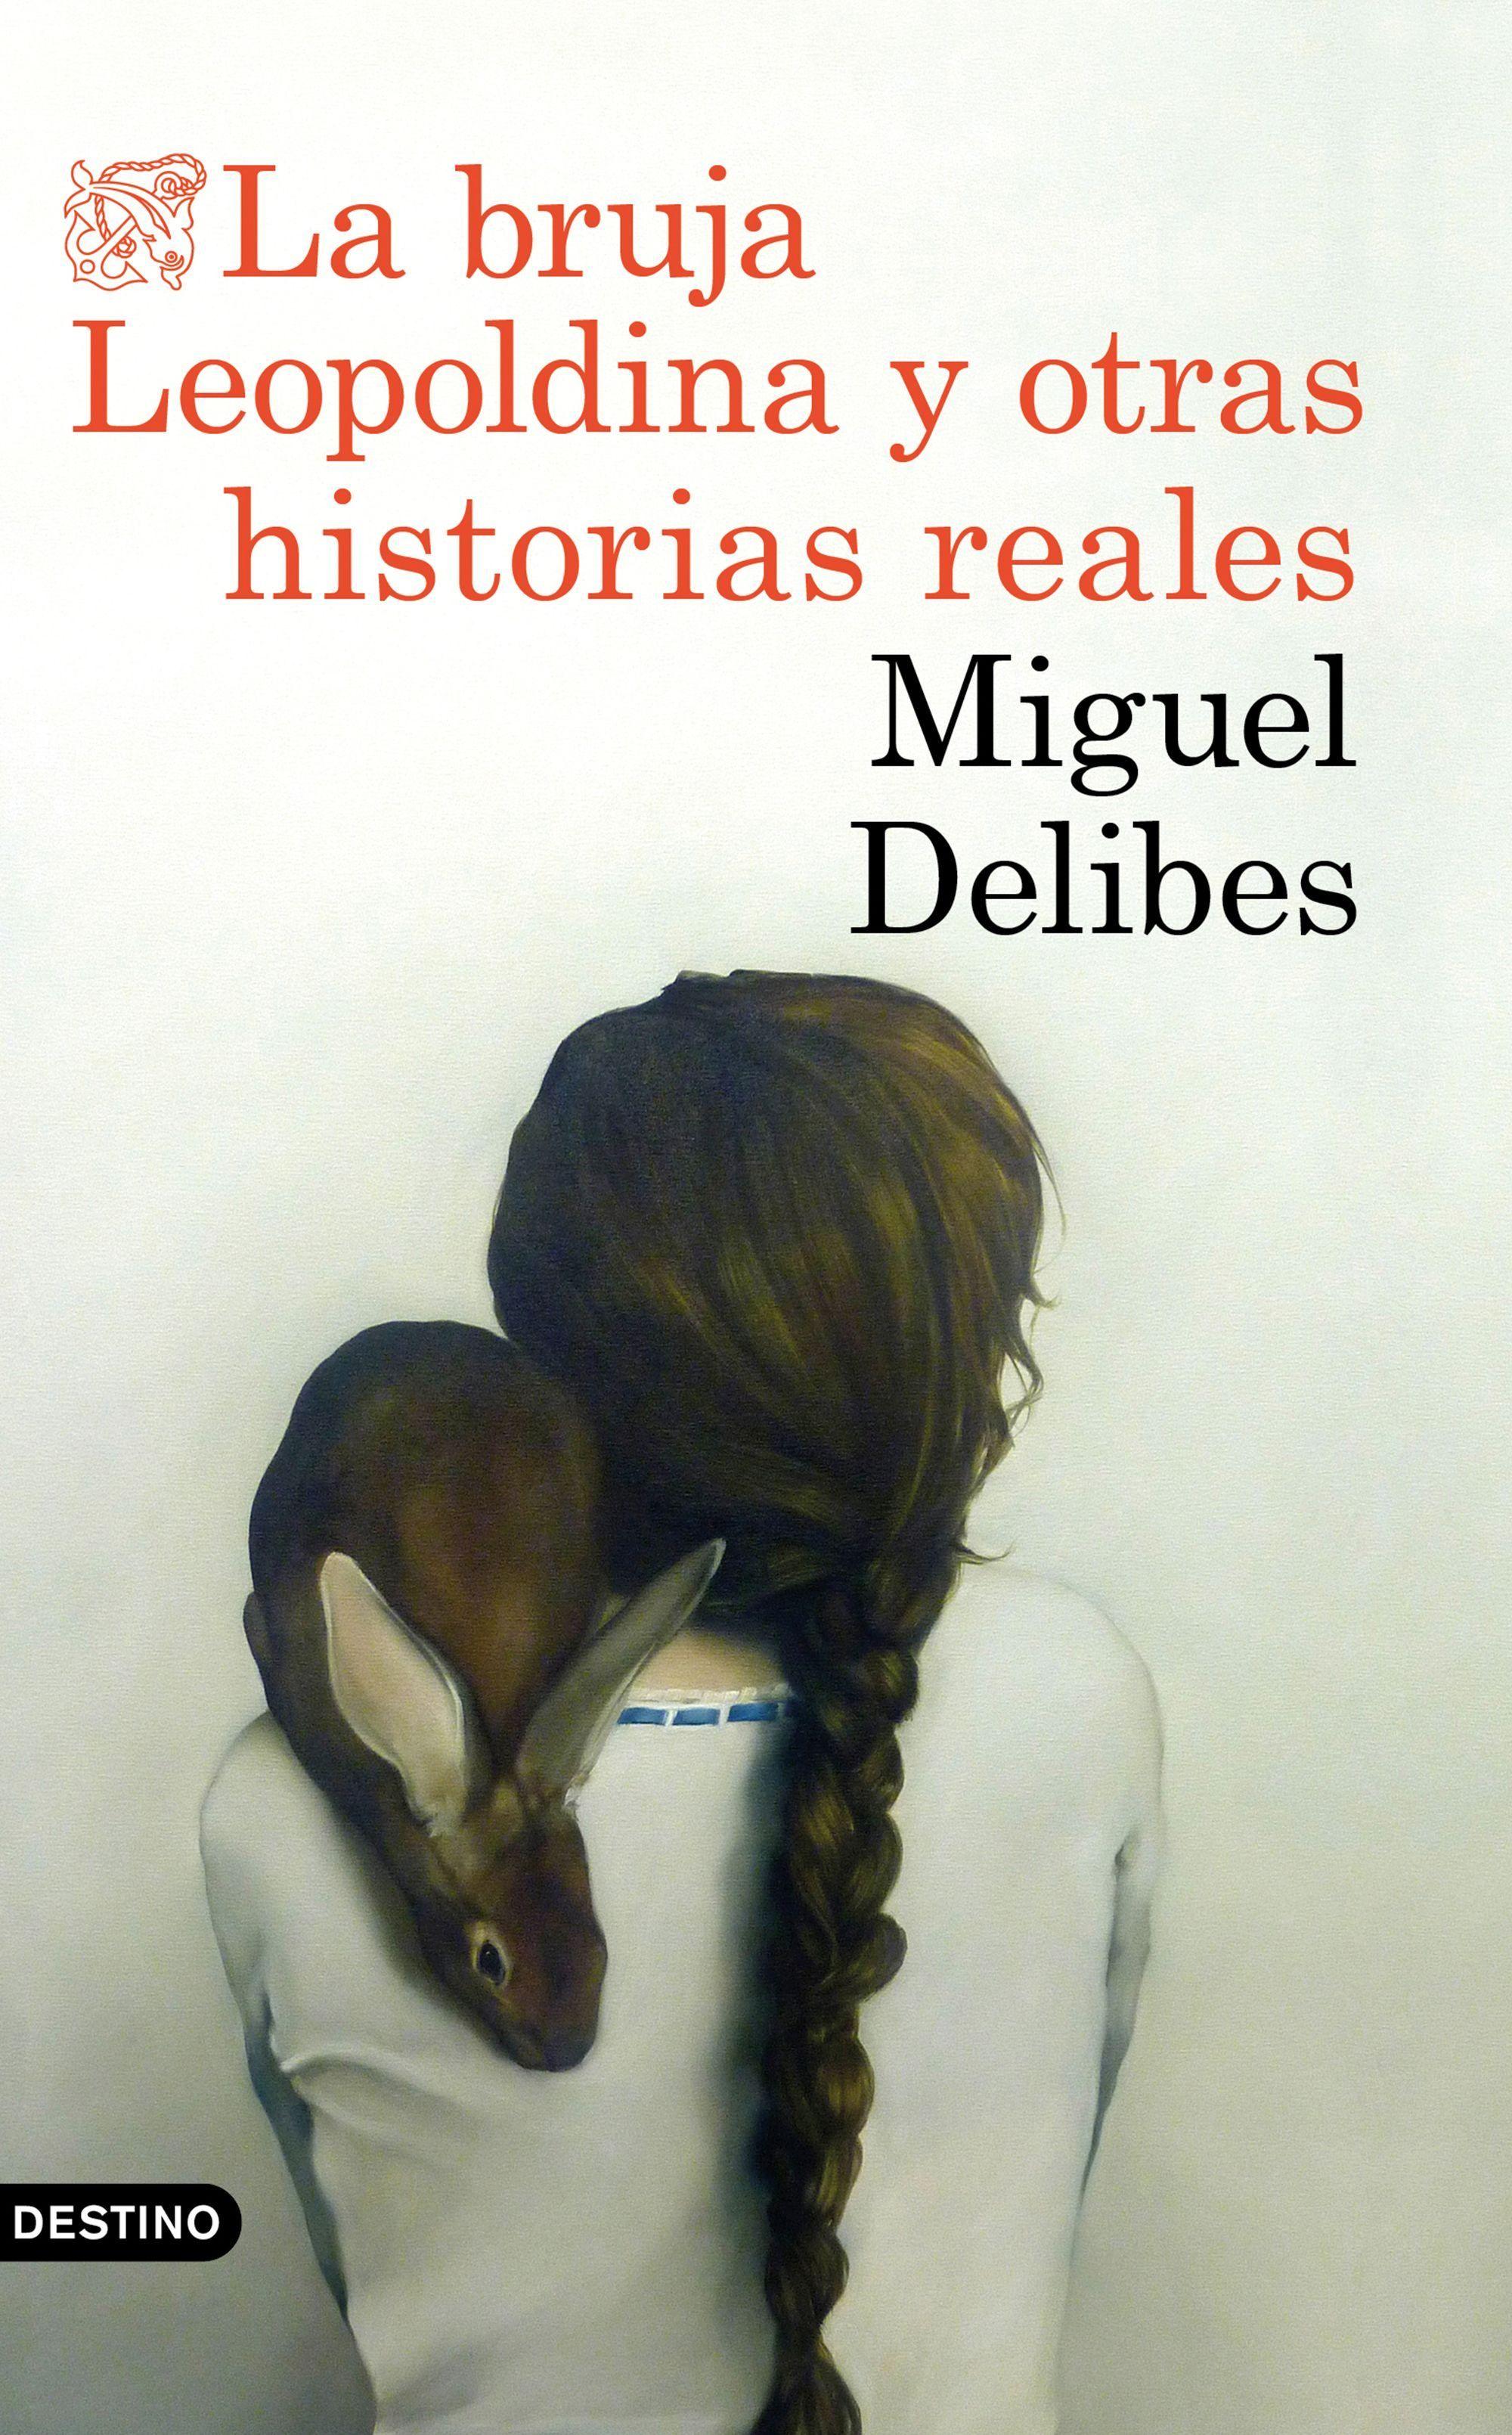 La bruja Leopoldina y otras historias reales / Miguel Delibes | Este libro  reúne los relatos incluidos en Mi vida al aire libre y Tres pájaros de  cuenta, ...